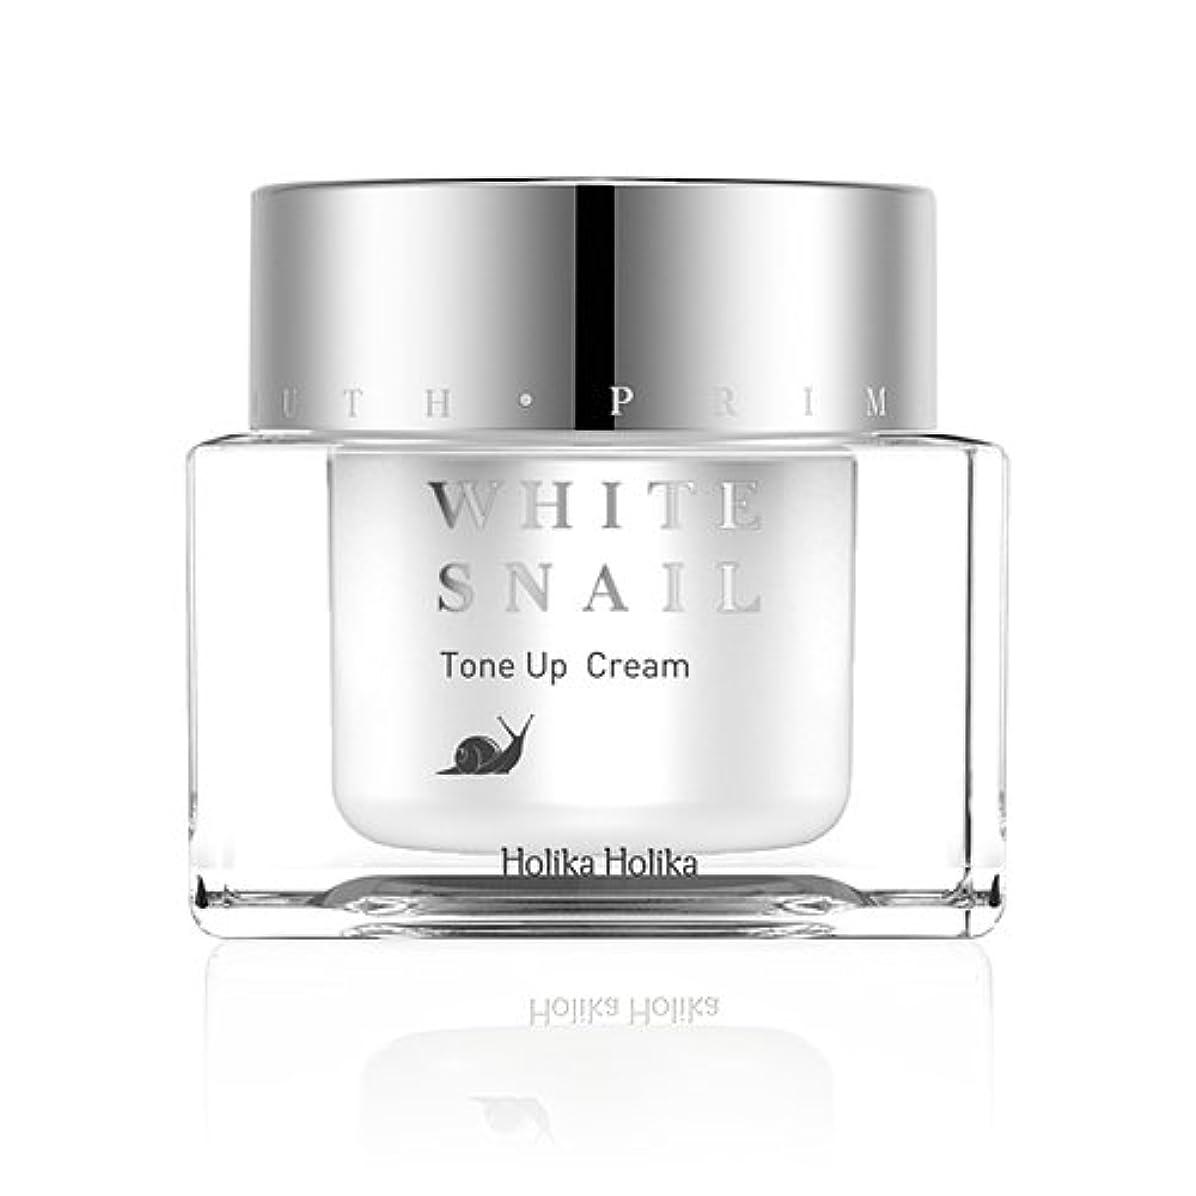 ジャーナリストケーブルカー一族HolikaHolika(ホリカホリカ) Prime Youth White Snail Tone-Up Cream プライムユースホワイトスネイルトーンアップクリーム カタツムリ エスカルゴ [並行輸入品]